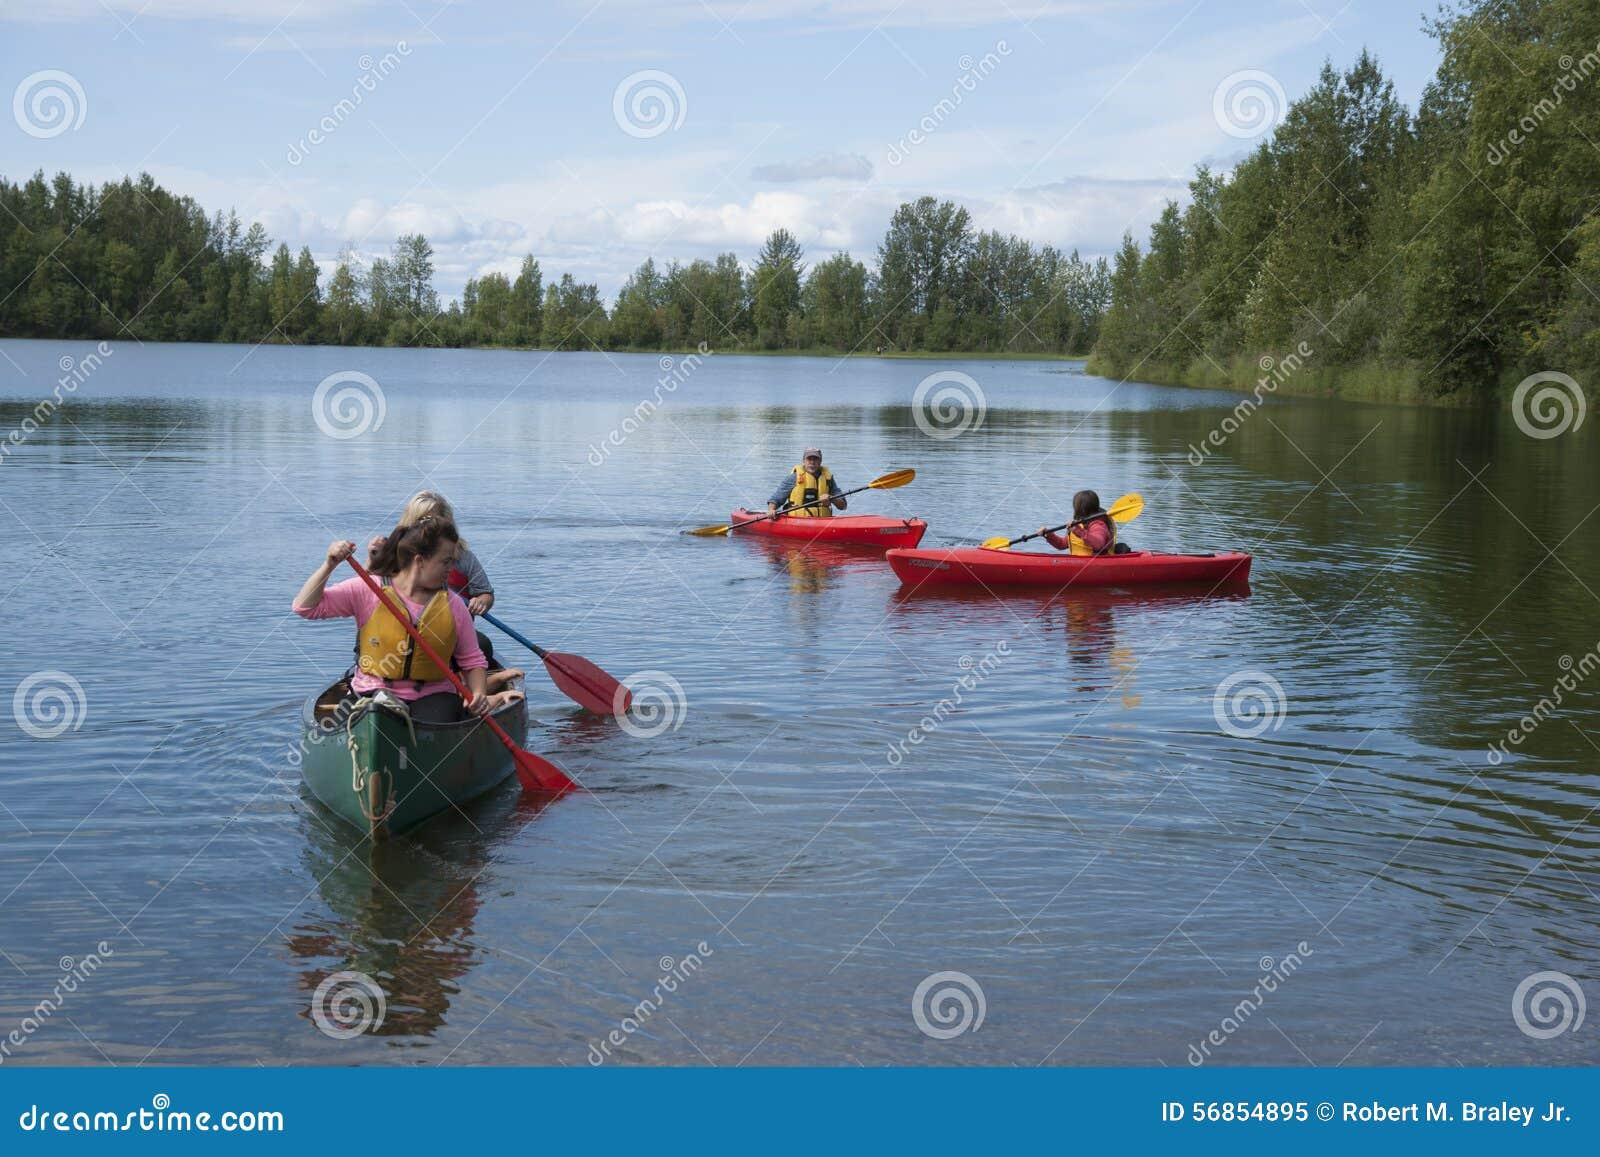 Download Summer Family Fun Day Reflections Lake Alaska Editorial Image - Image of alaskans, flats: 56854895